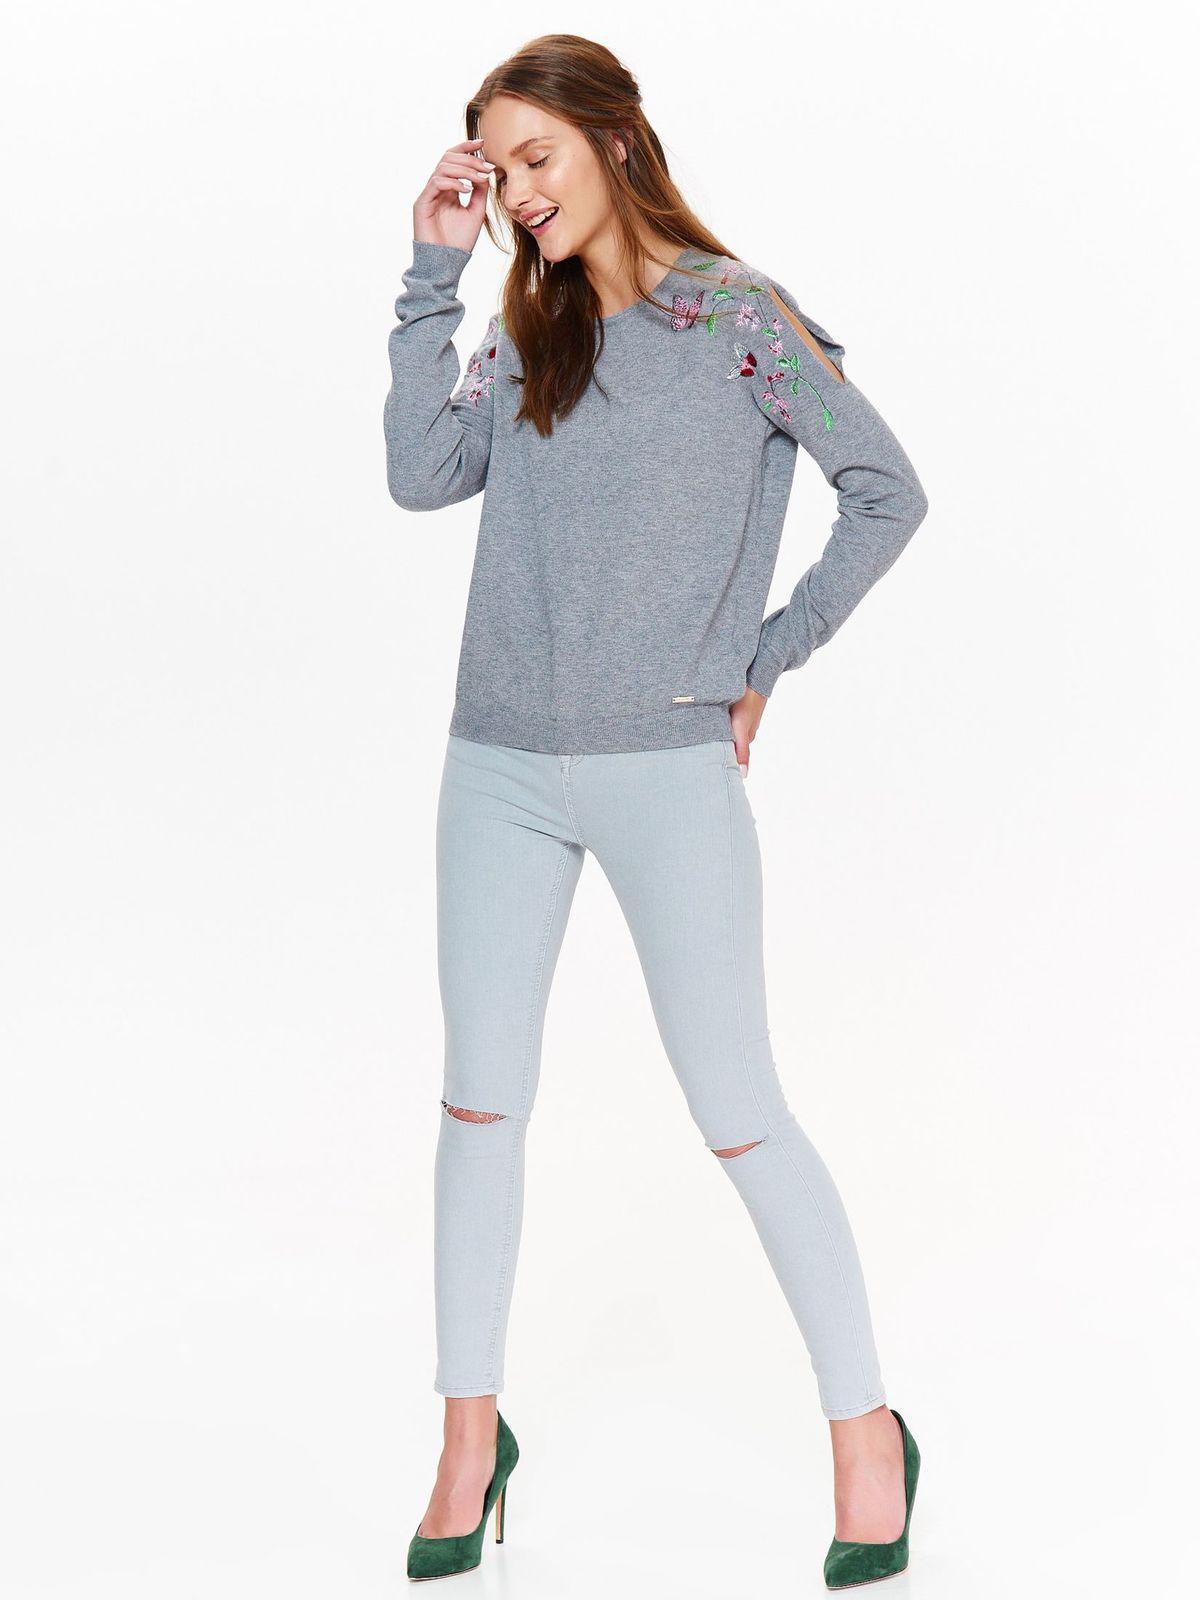 Свитер женский Top Secret, цвет: серый. SSW2320SZ. Размер 36 (44)SSW2320SZ